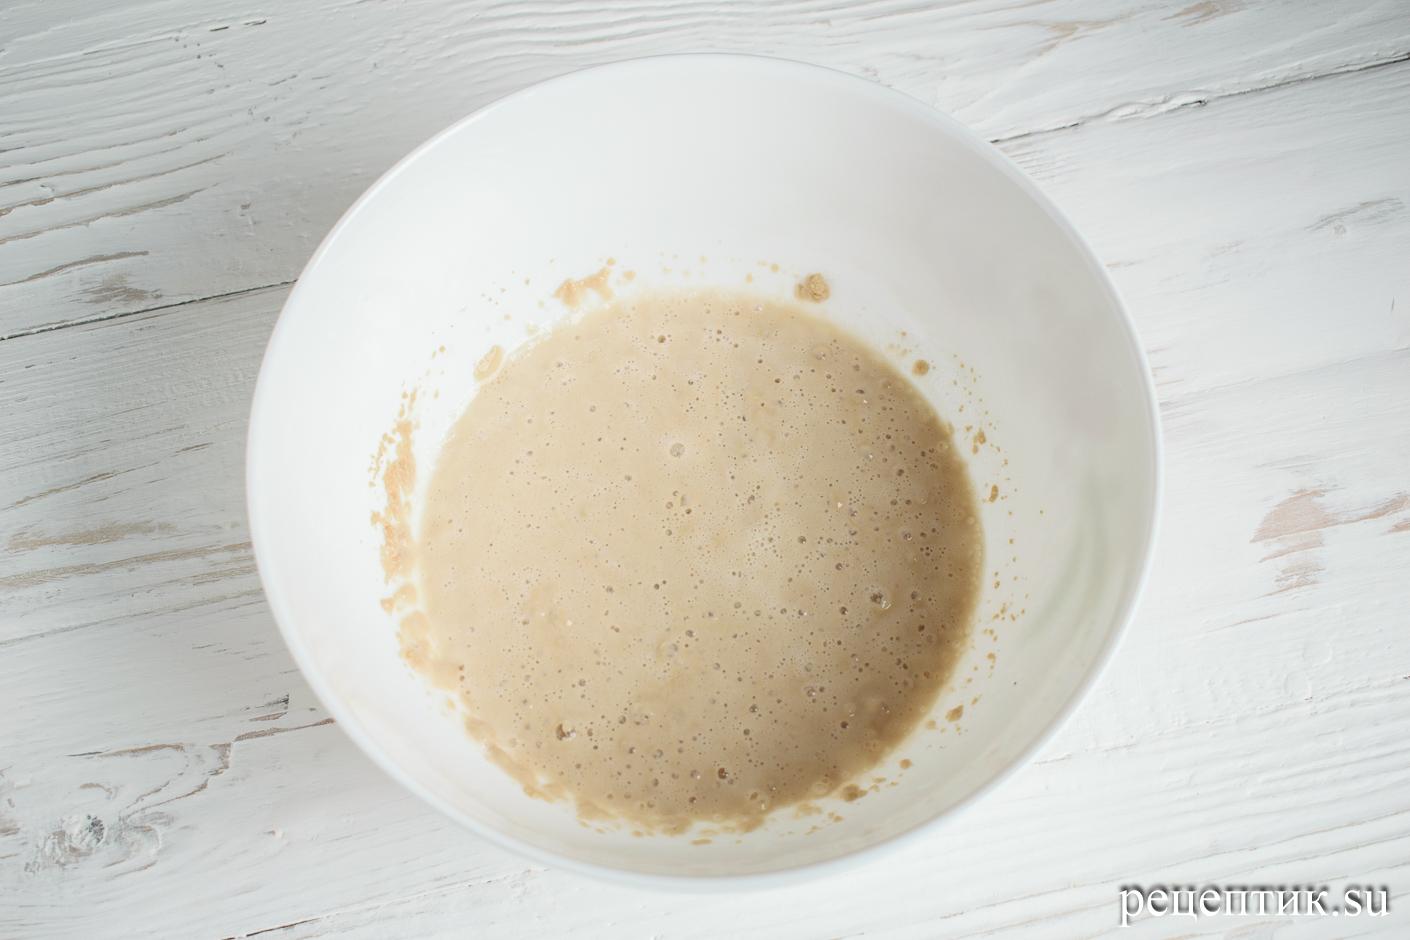 Скьяччата с виноградом — традиционный тосканский пирог - рецепт с фото, шаг 1